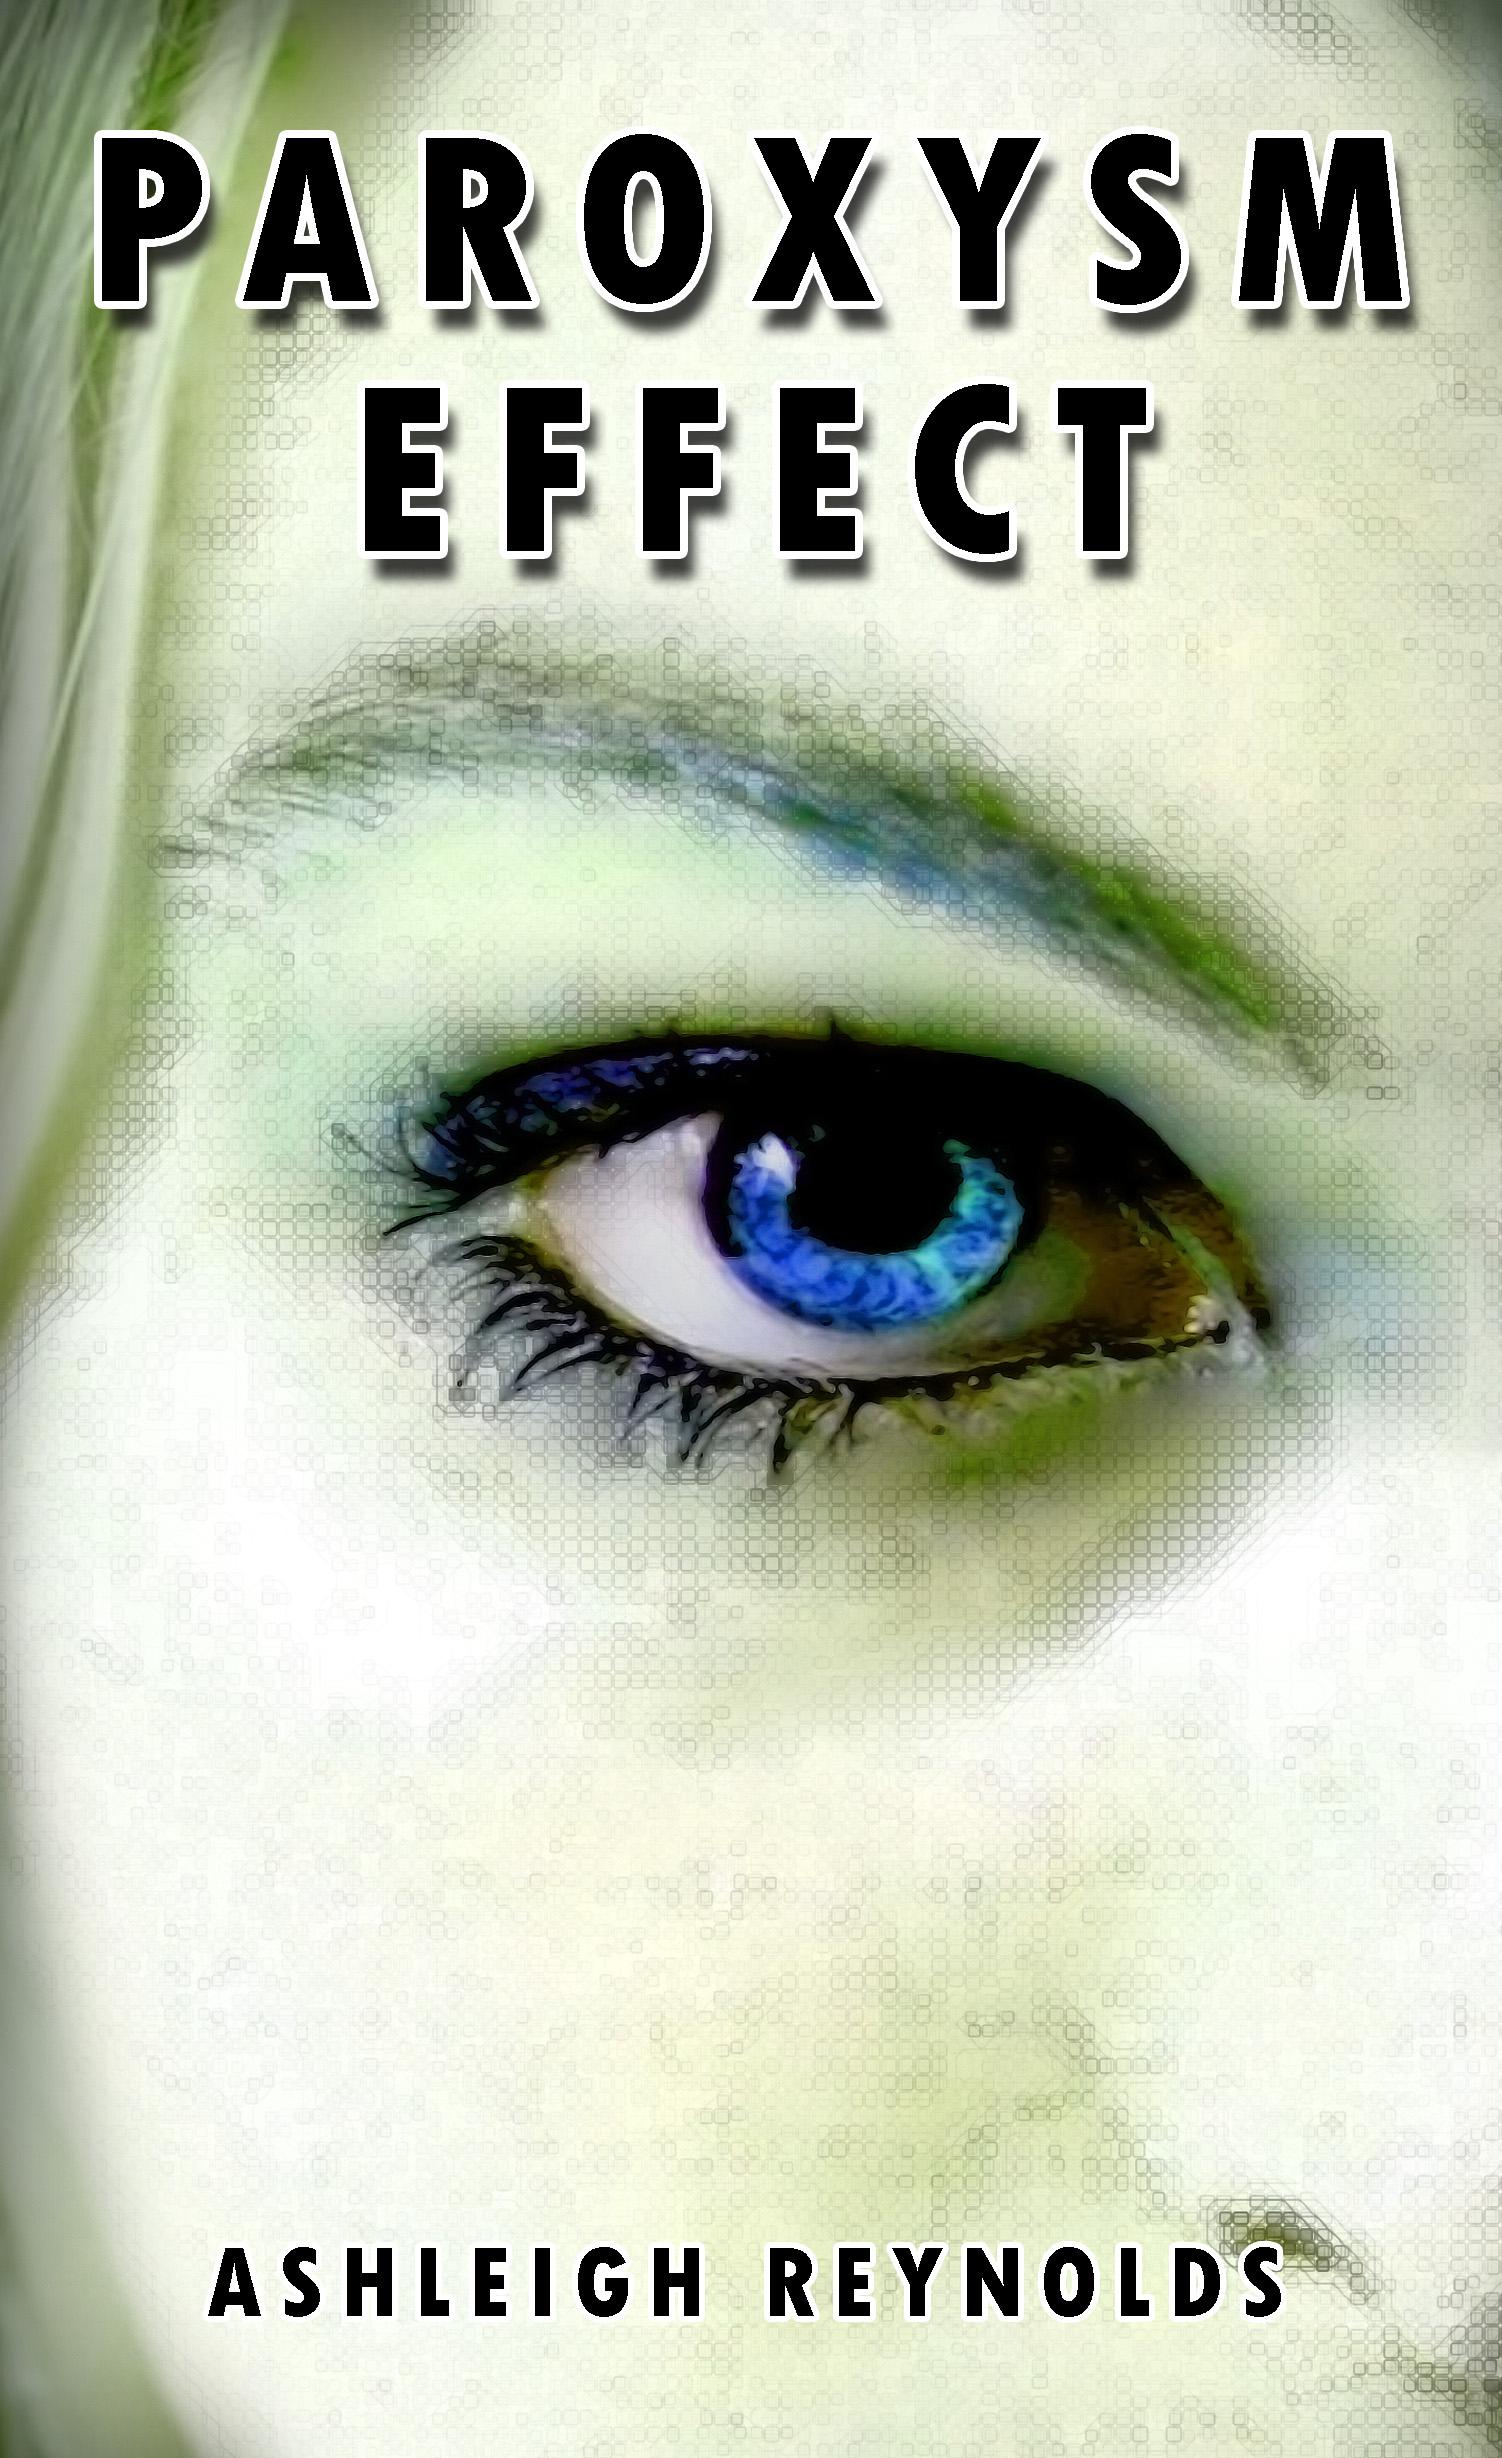 Paroxysm Effect By Ashleigh Reynolds